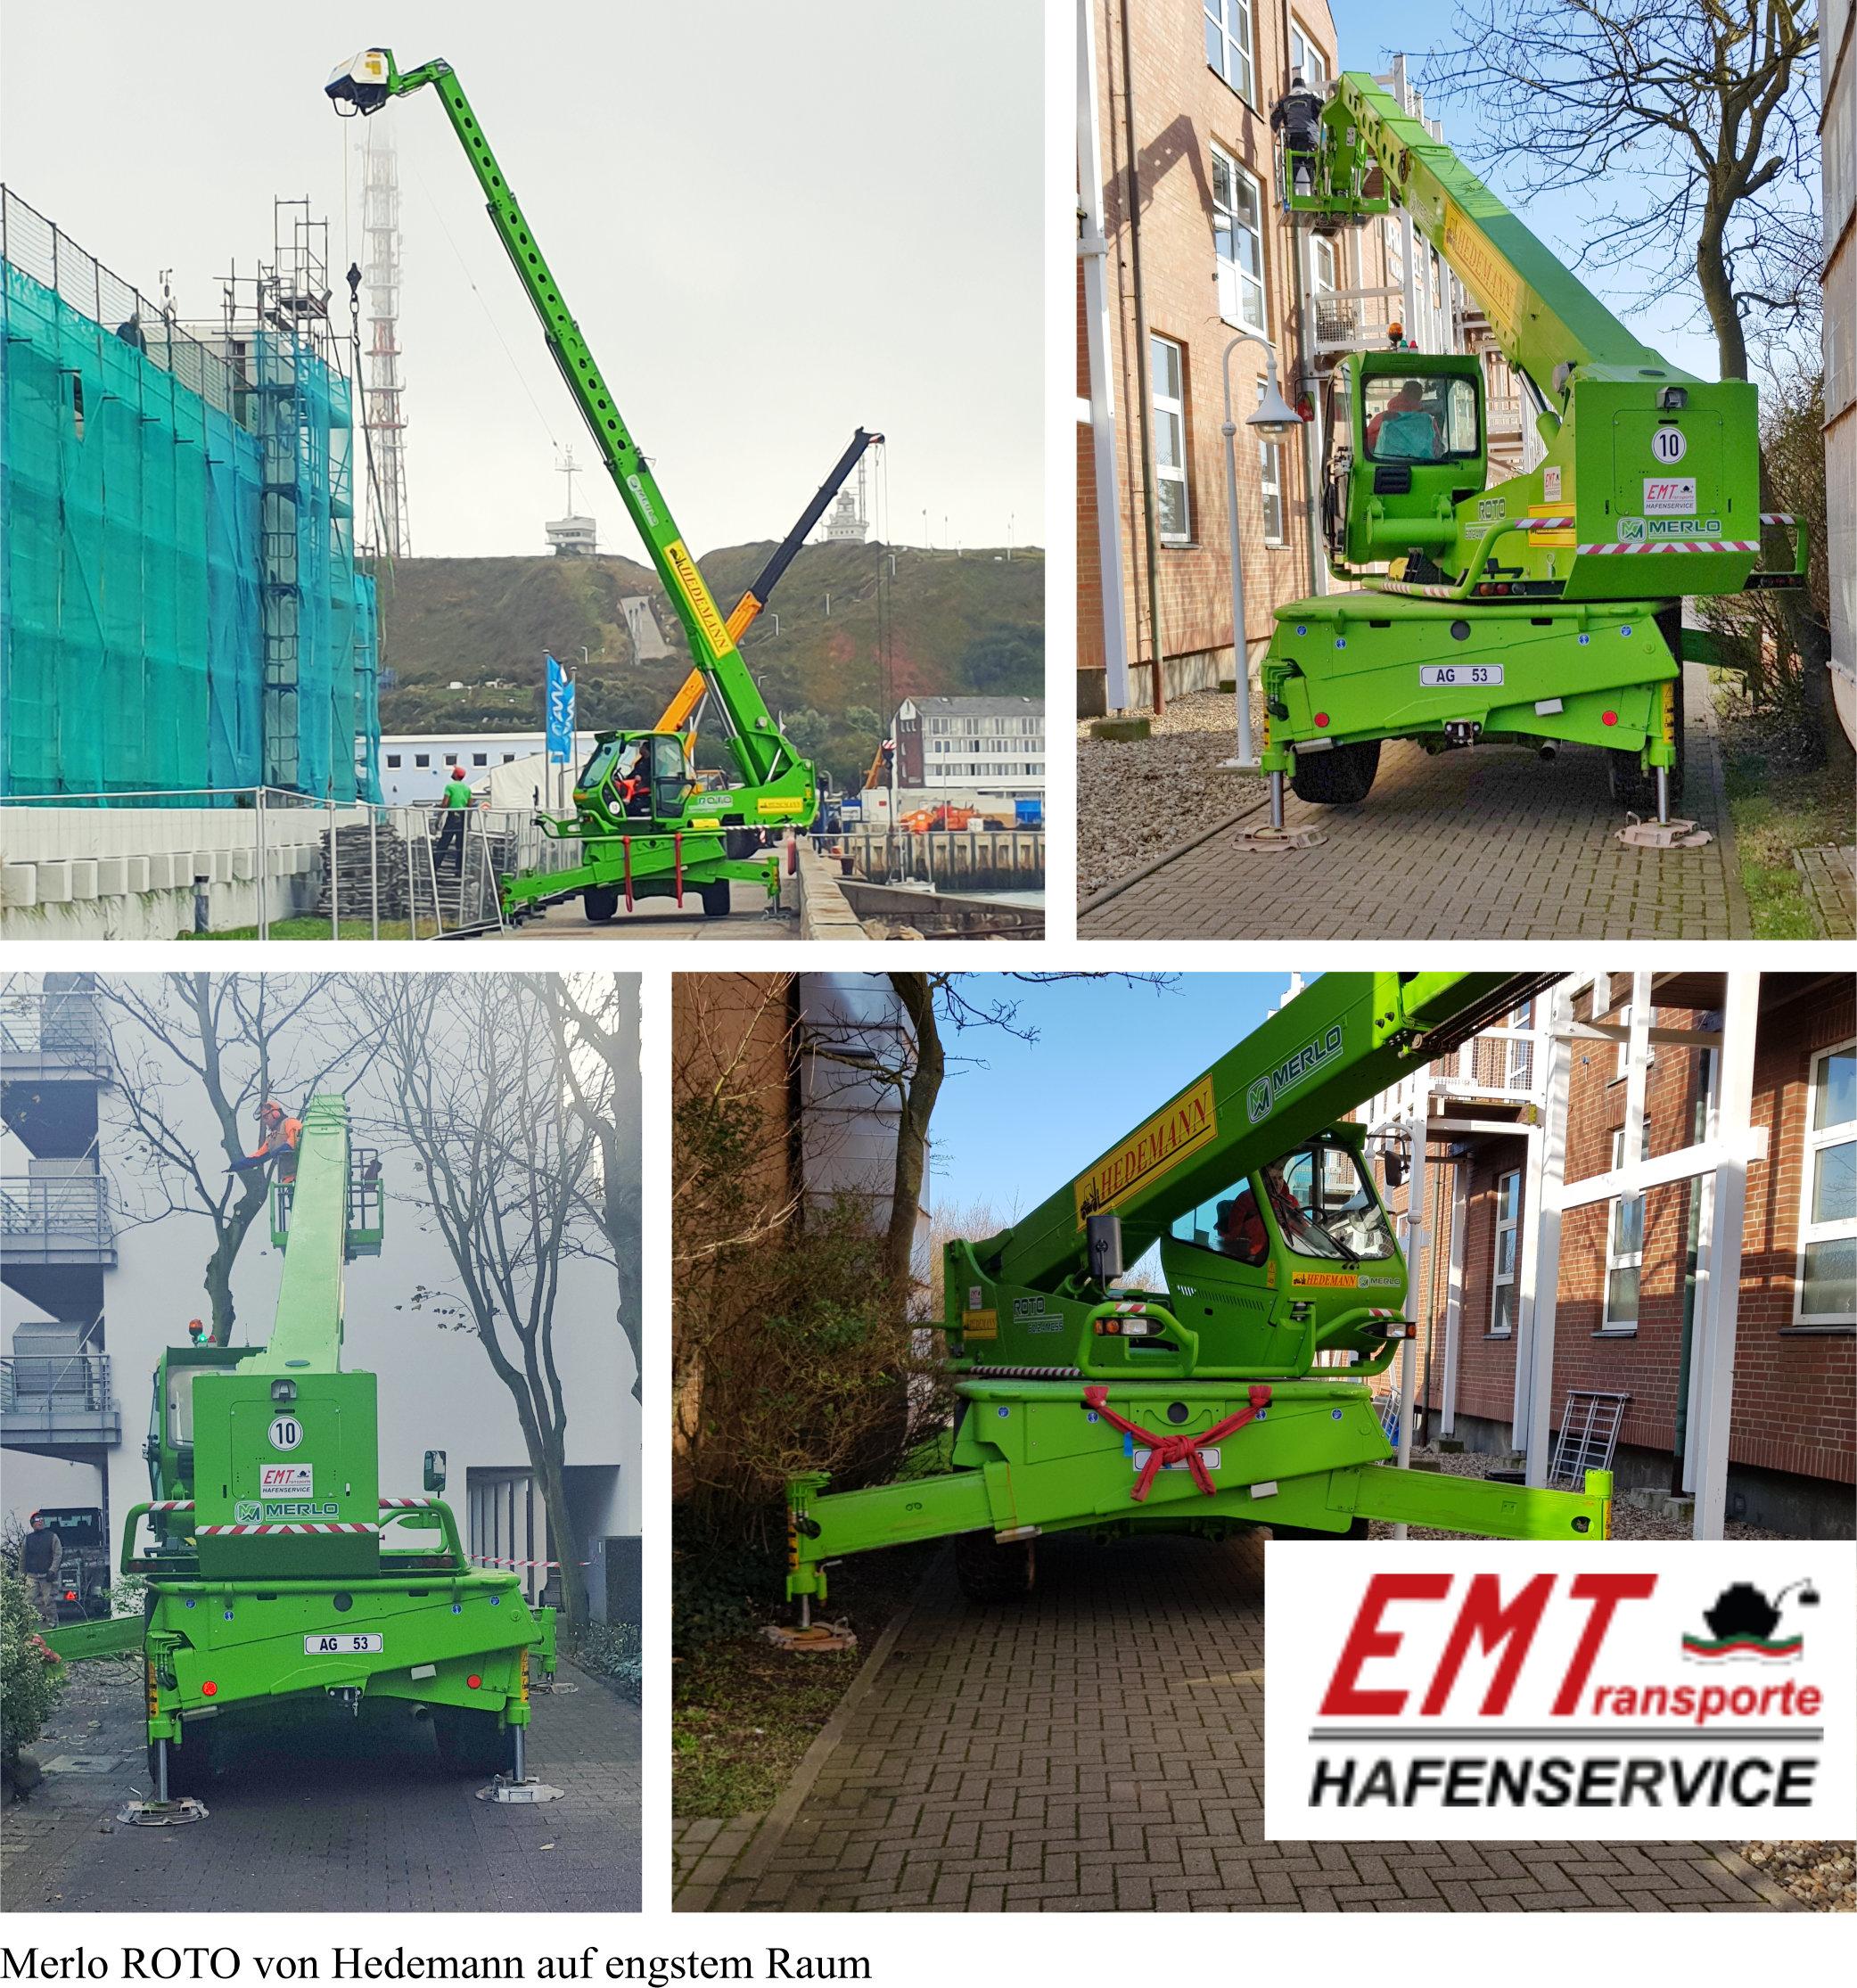 """Das """"Grüne Monster"""" unterstützt Helgoländer"""